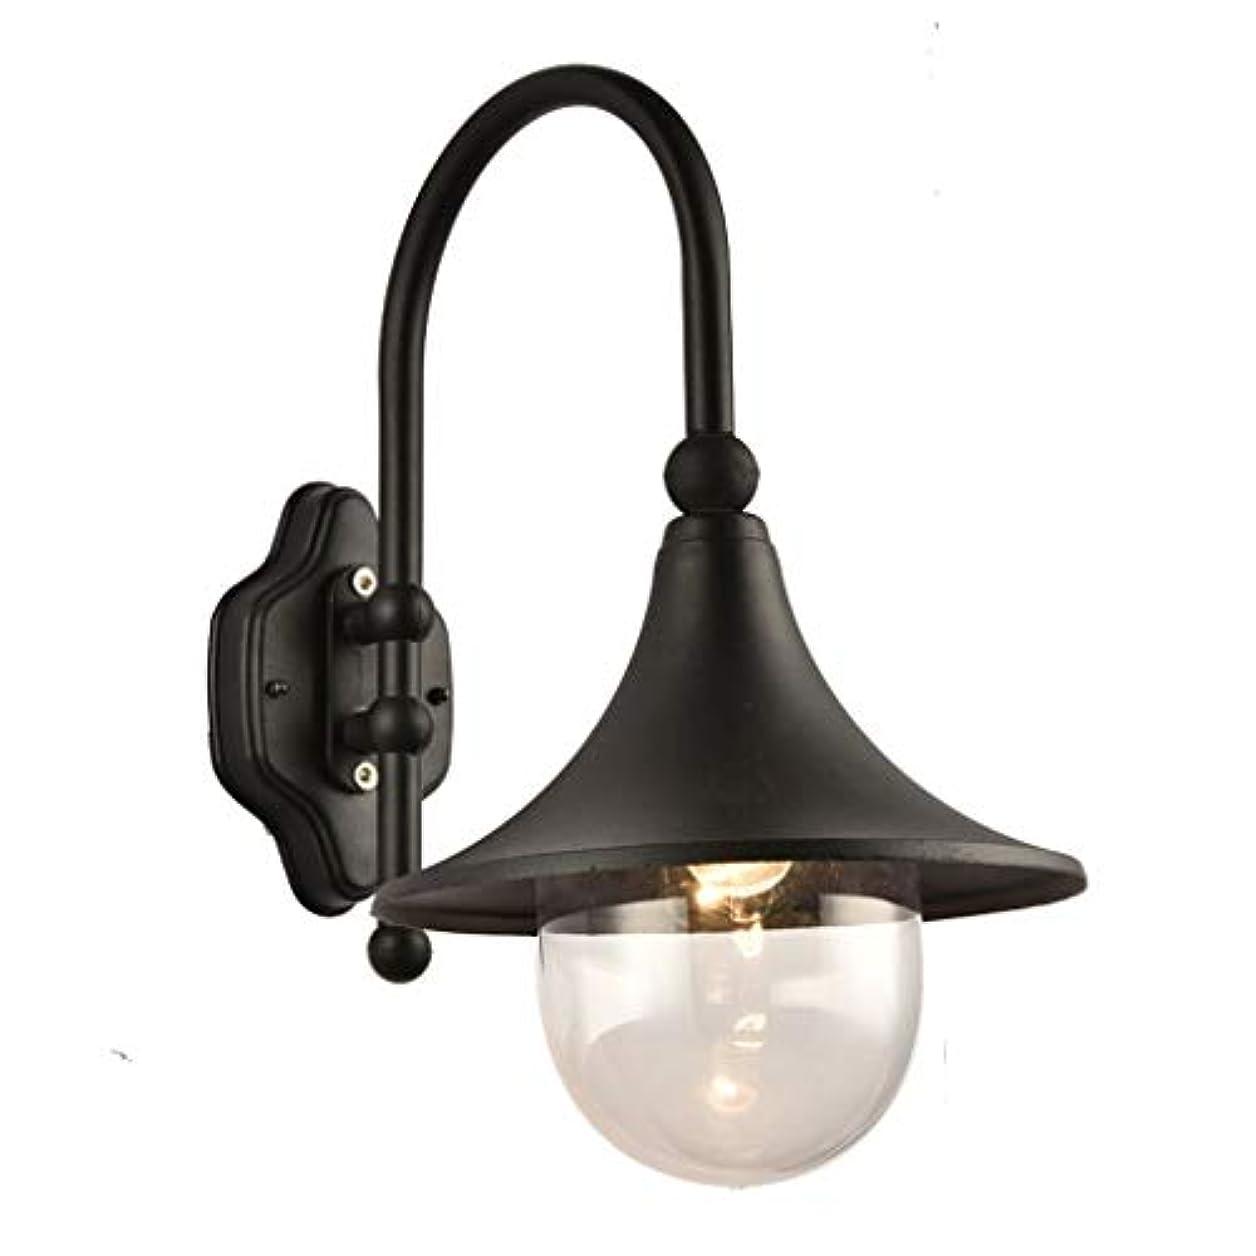 やめる予備ジョリーLGM- レトロE27壁取り付け用燭台屋外防水ホーンウォールランプガーデンコートヤードヴィンテージ工業用ウォールライト照明器具 (Color : Black)